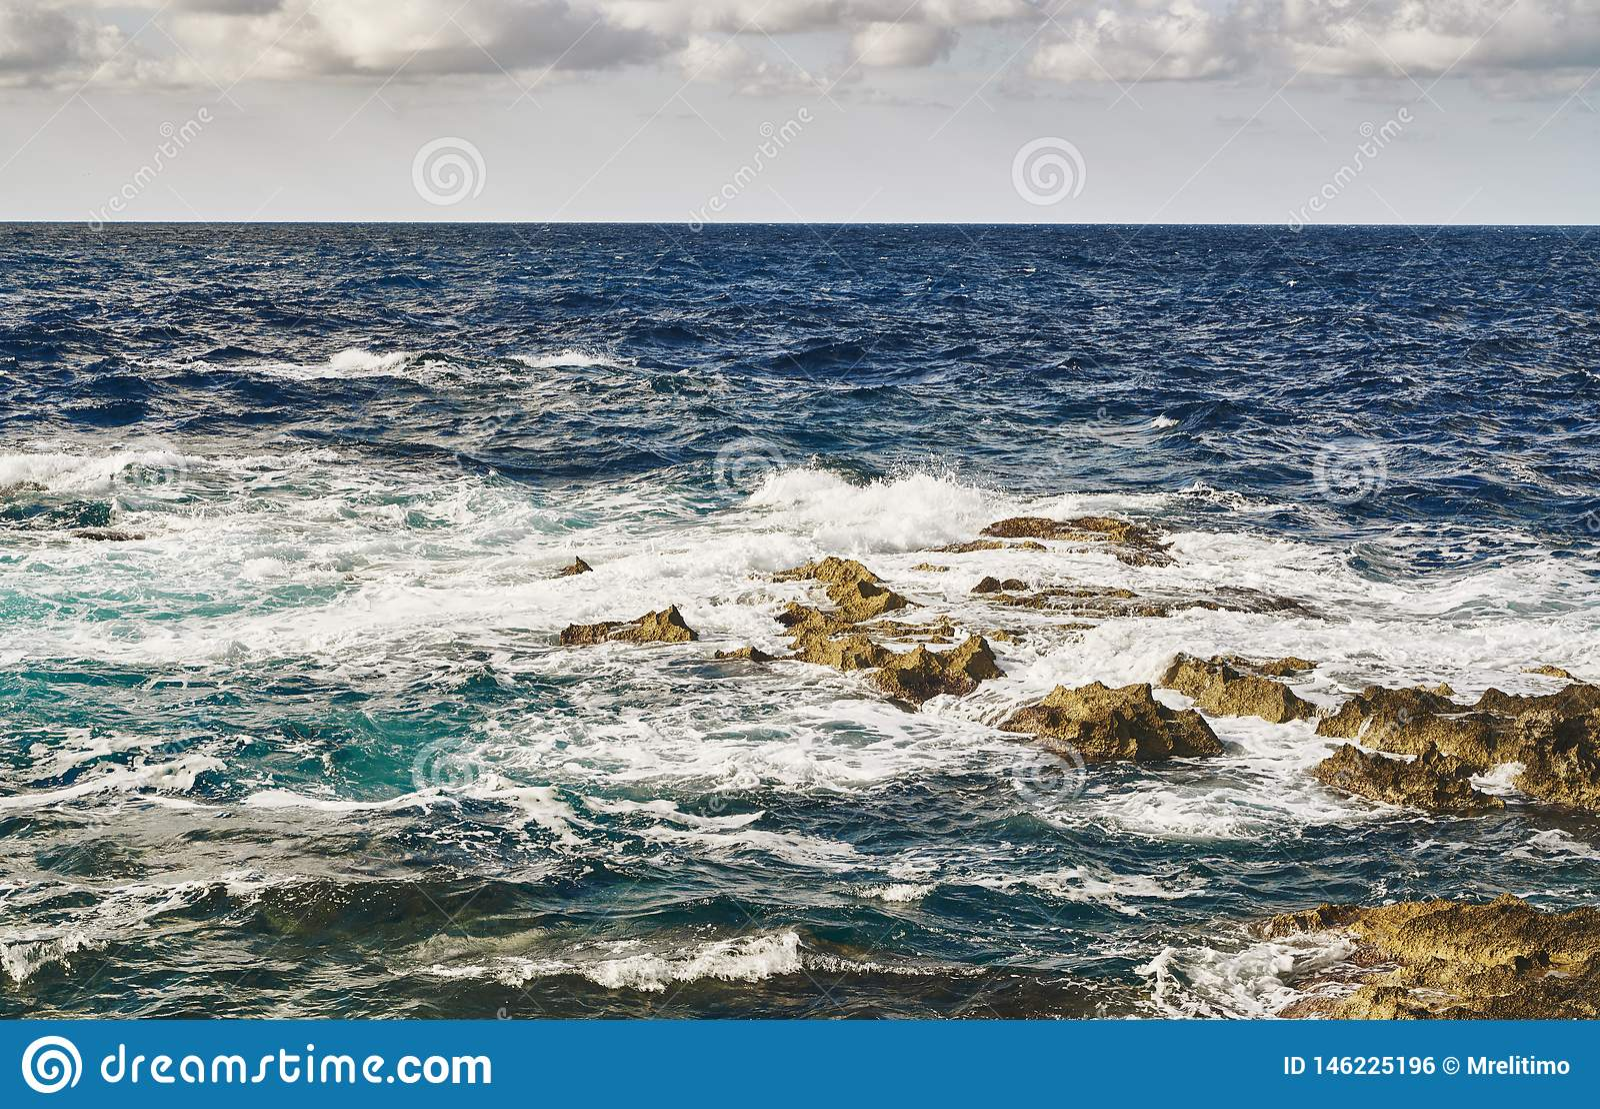 Brechende Wellen auf Steinen im Meer